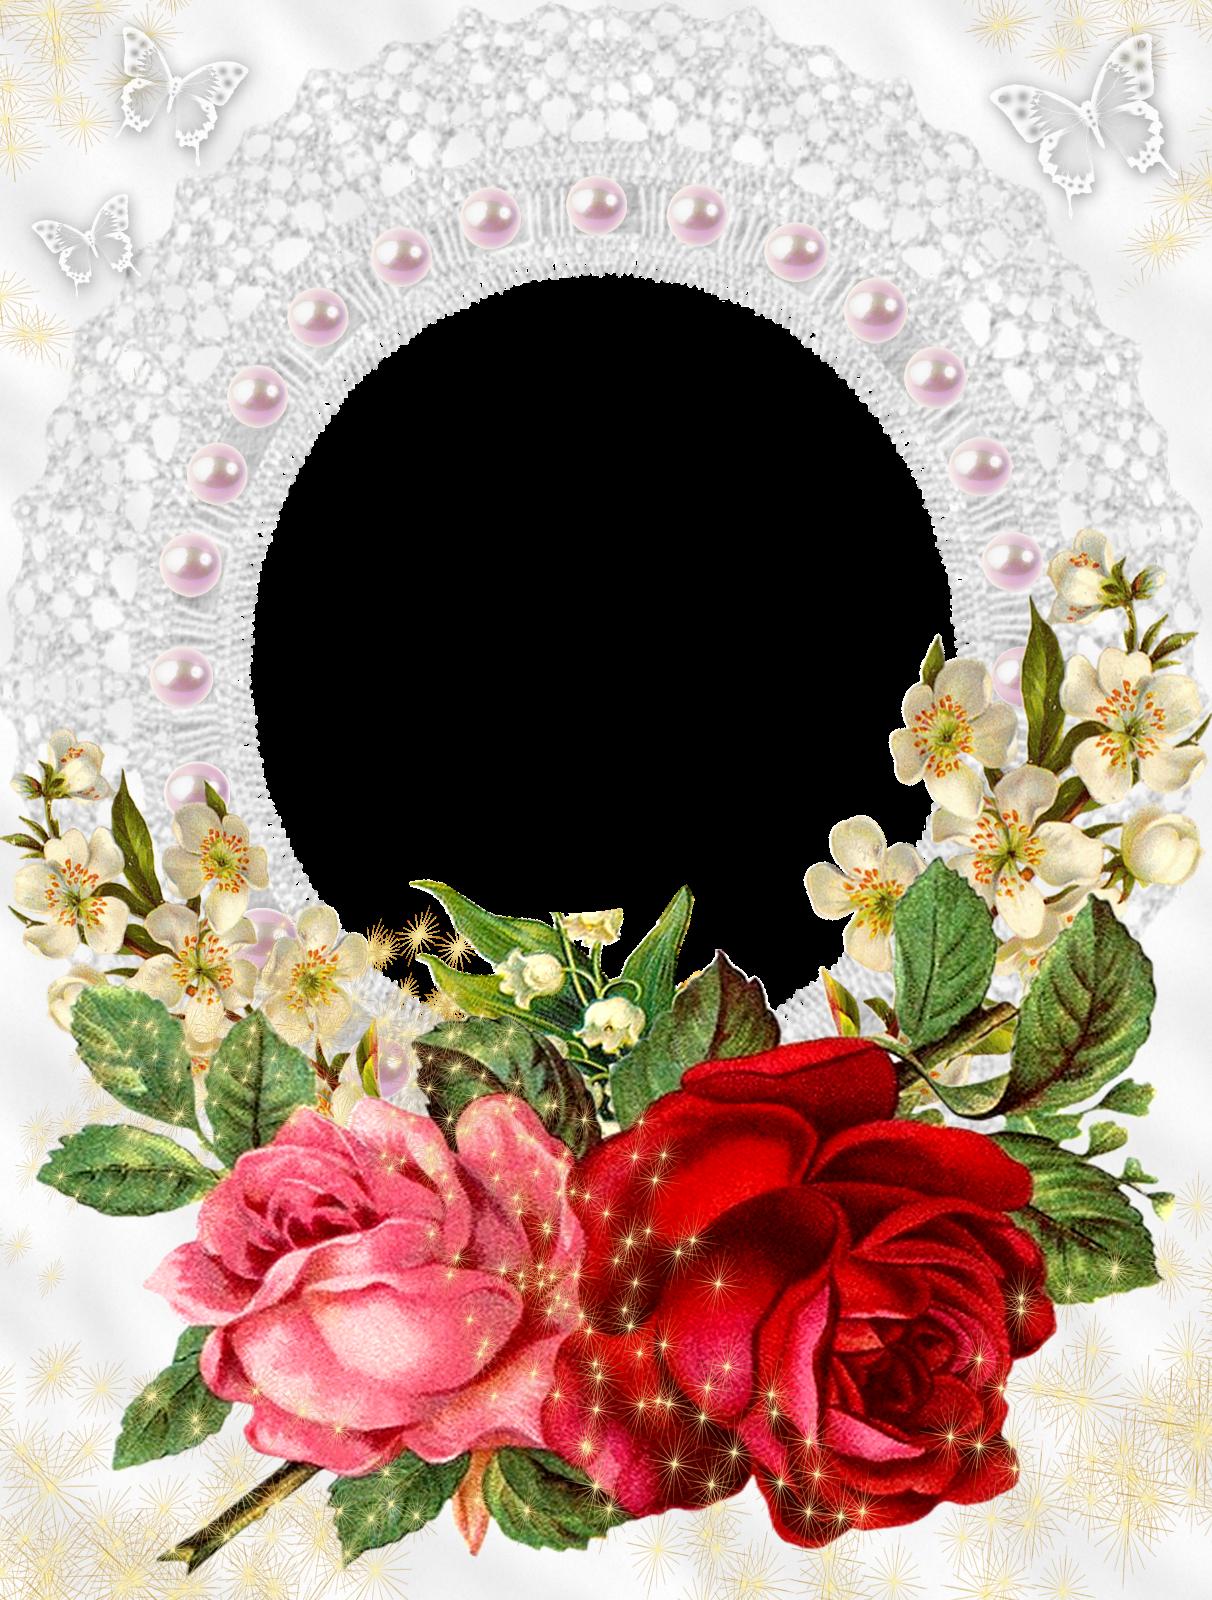 Frames Casamento 289 29 Png 1 212 1 600 Pixels Flower Frame Rose Frame Beautiful Flowers Images